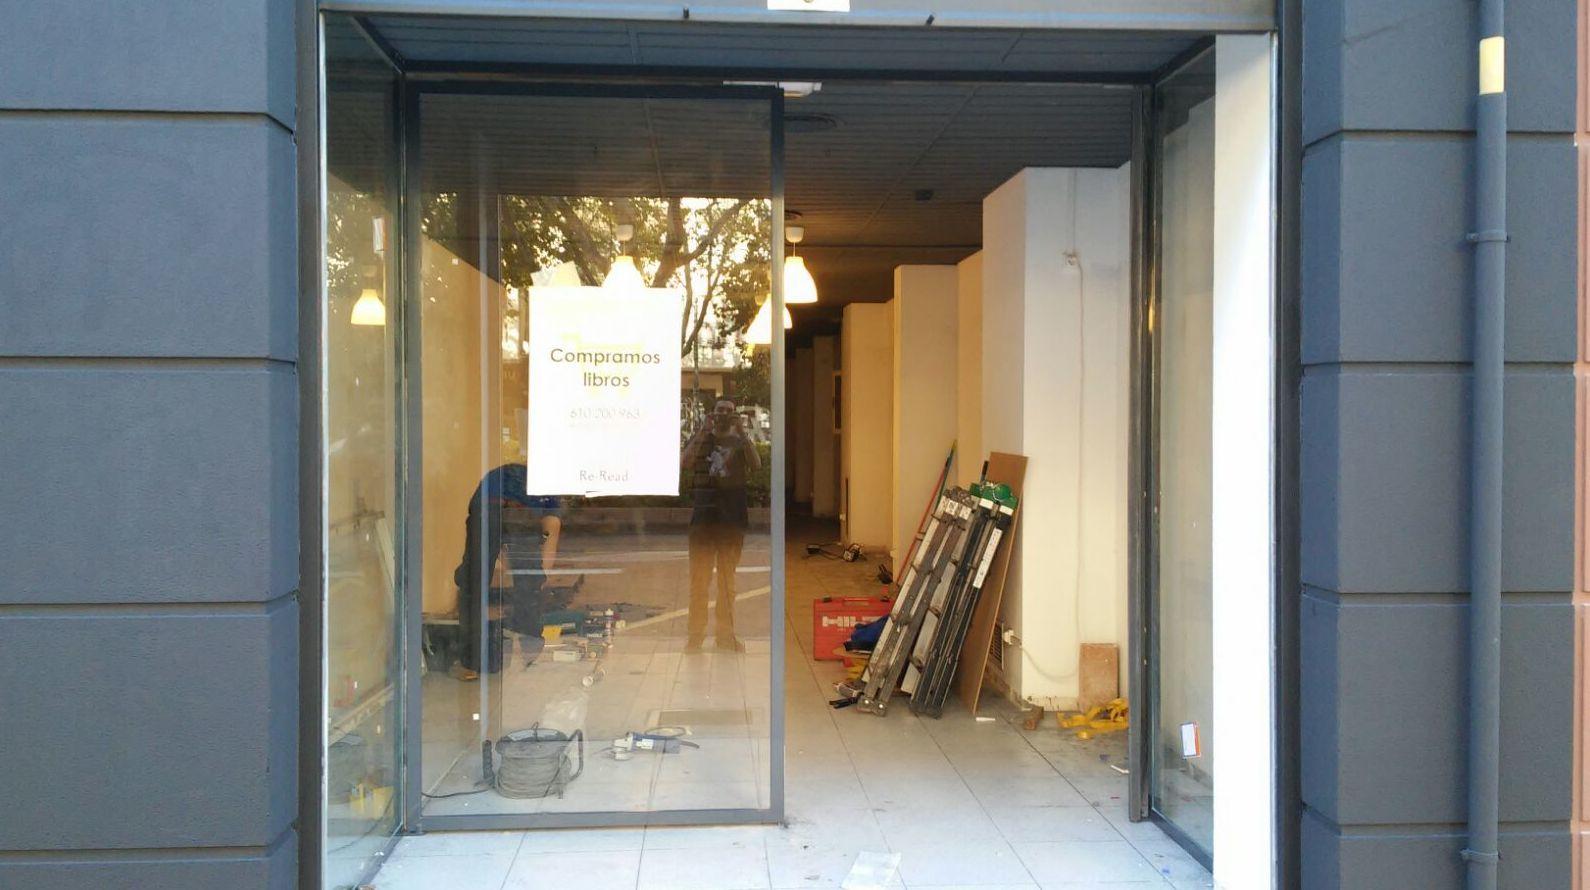 Entrada a tienda con puerta de dos hojas pivotantes de hierro lacado al horno y vidrio laminado